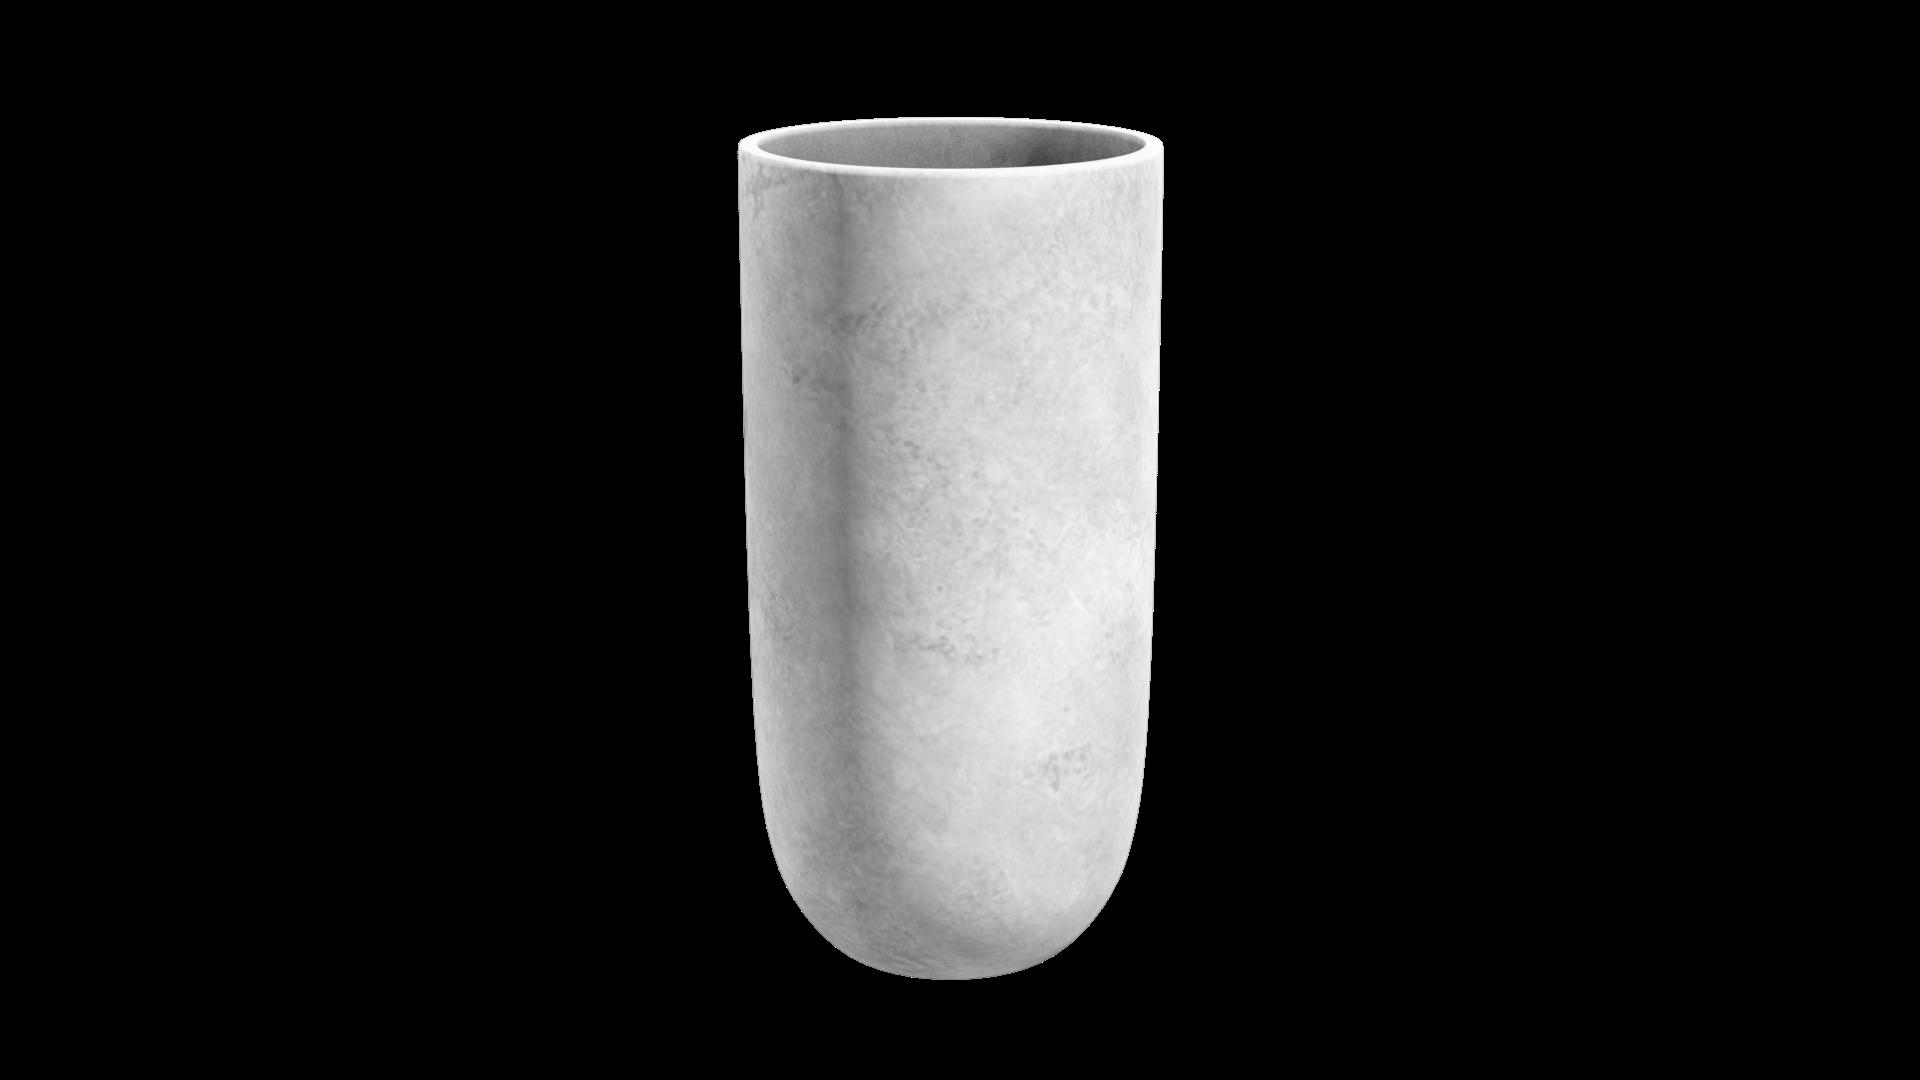 กระถางคอนกรีตเสริมเหล็กขัดมันทรงแคปซูล 50x120 cm.